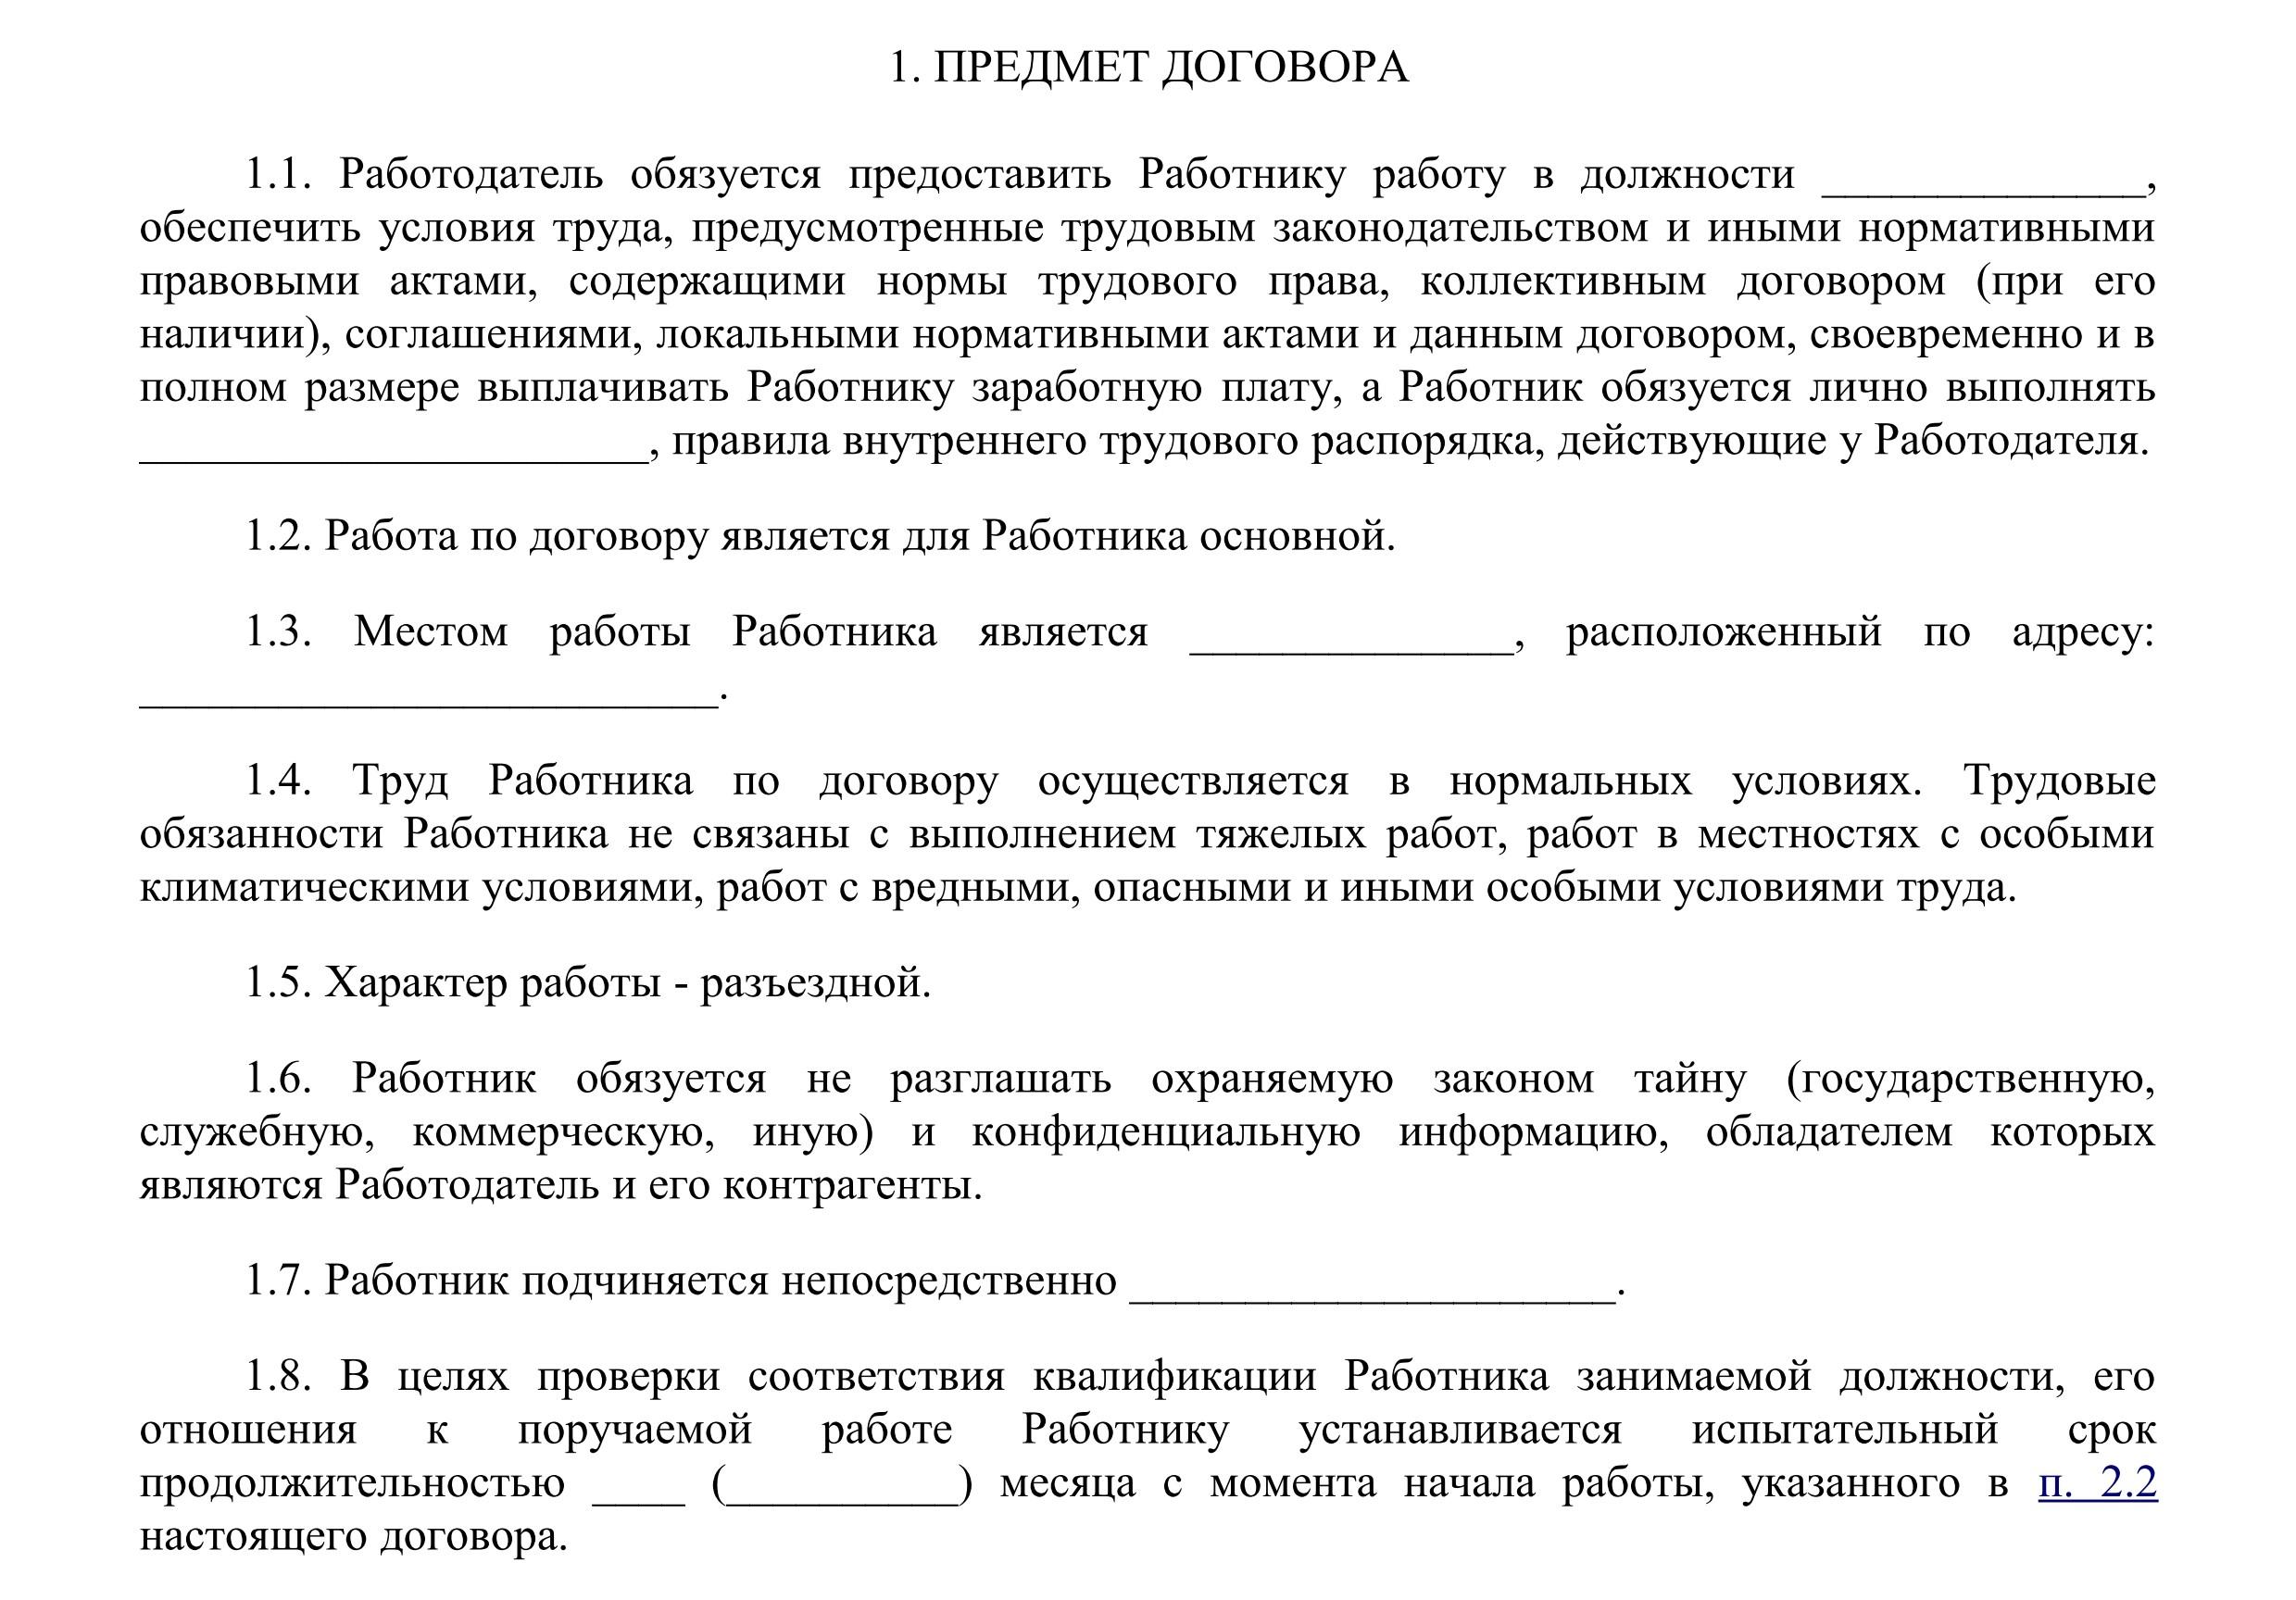 kak-pravilno-opredelit-harakter-raboty-vashih-rabotnikov-2